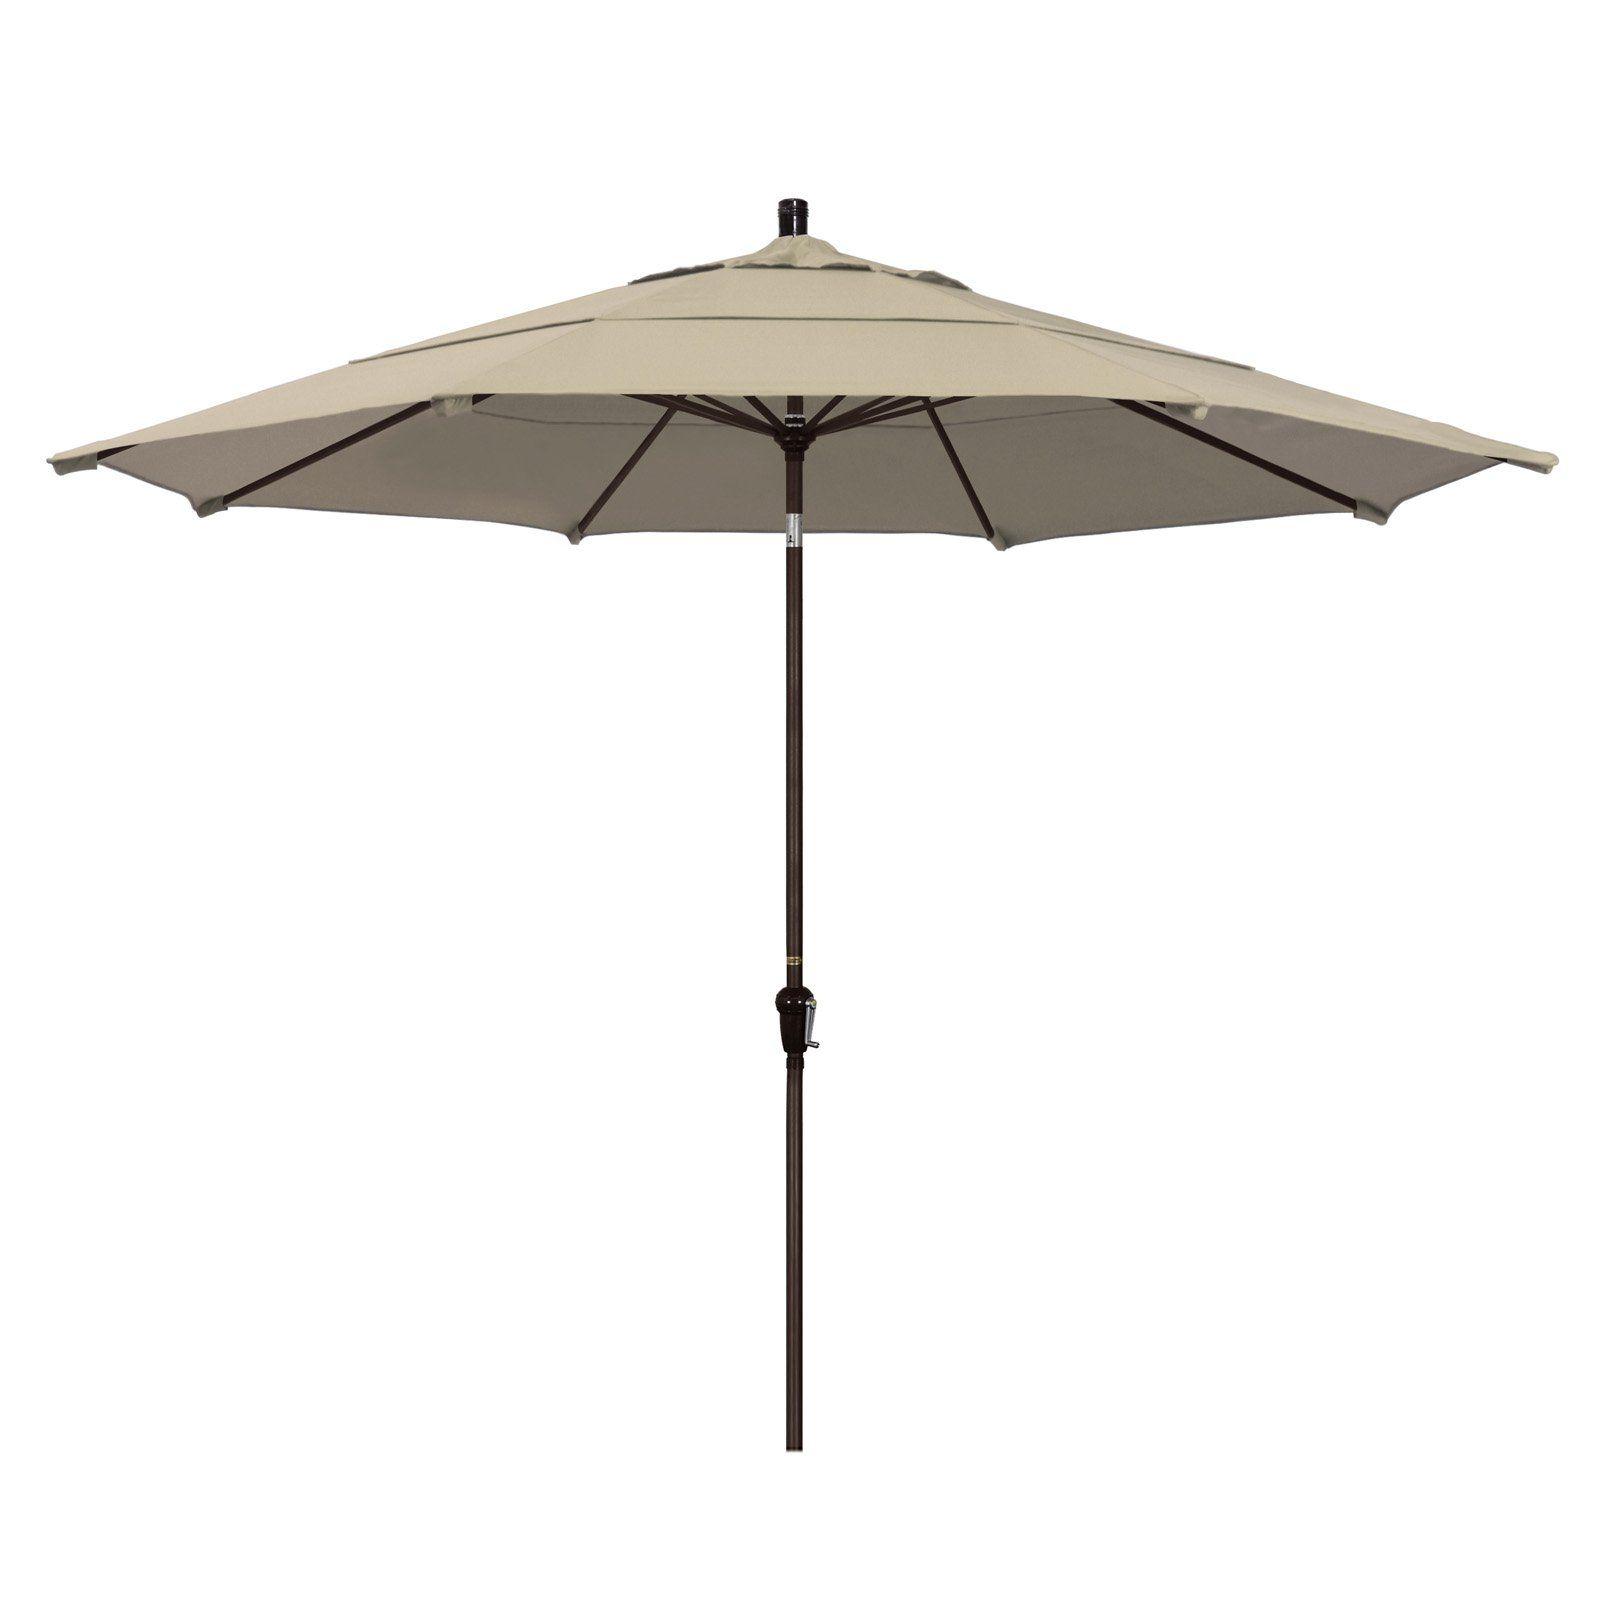 Outdoor California Umbrella 11 Ft Aluminum Auto Tilt Pacifica